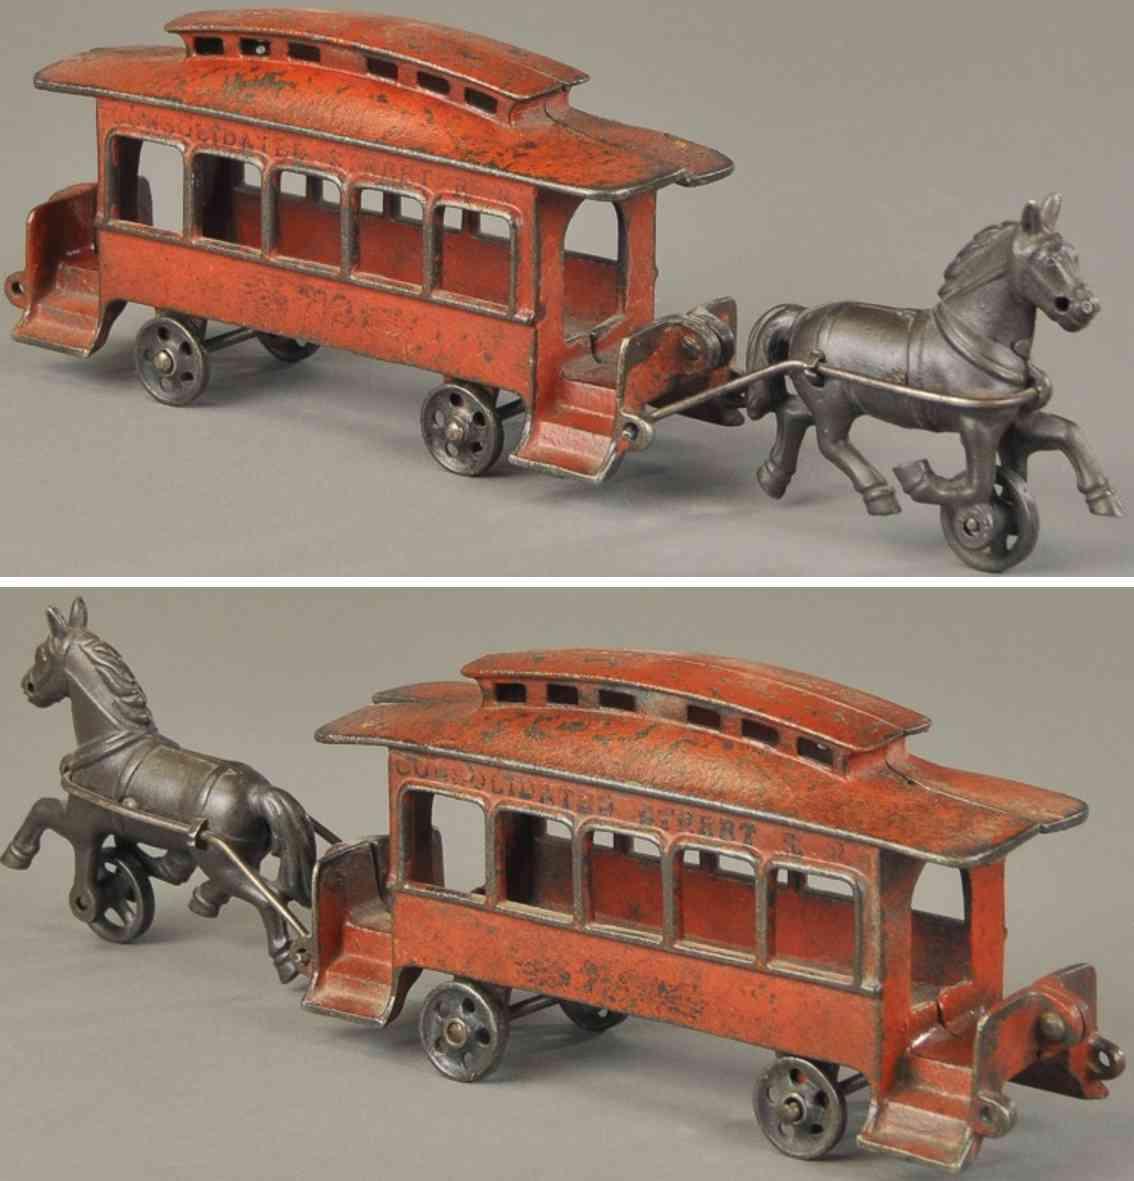 harris toy co spielzeug gusseisen strassenbahn ein pferd